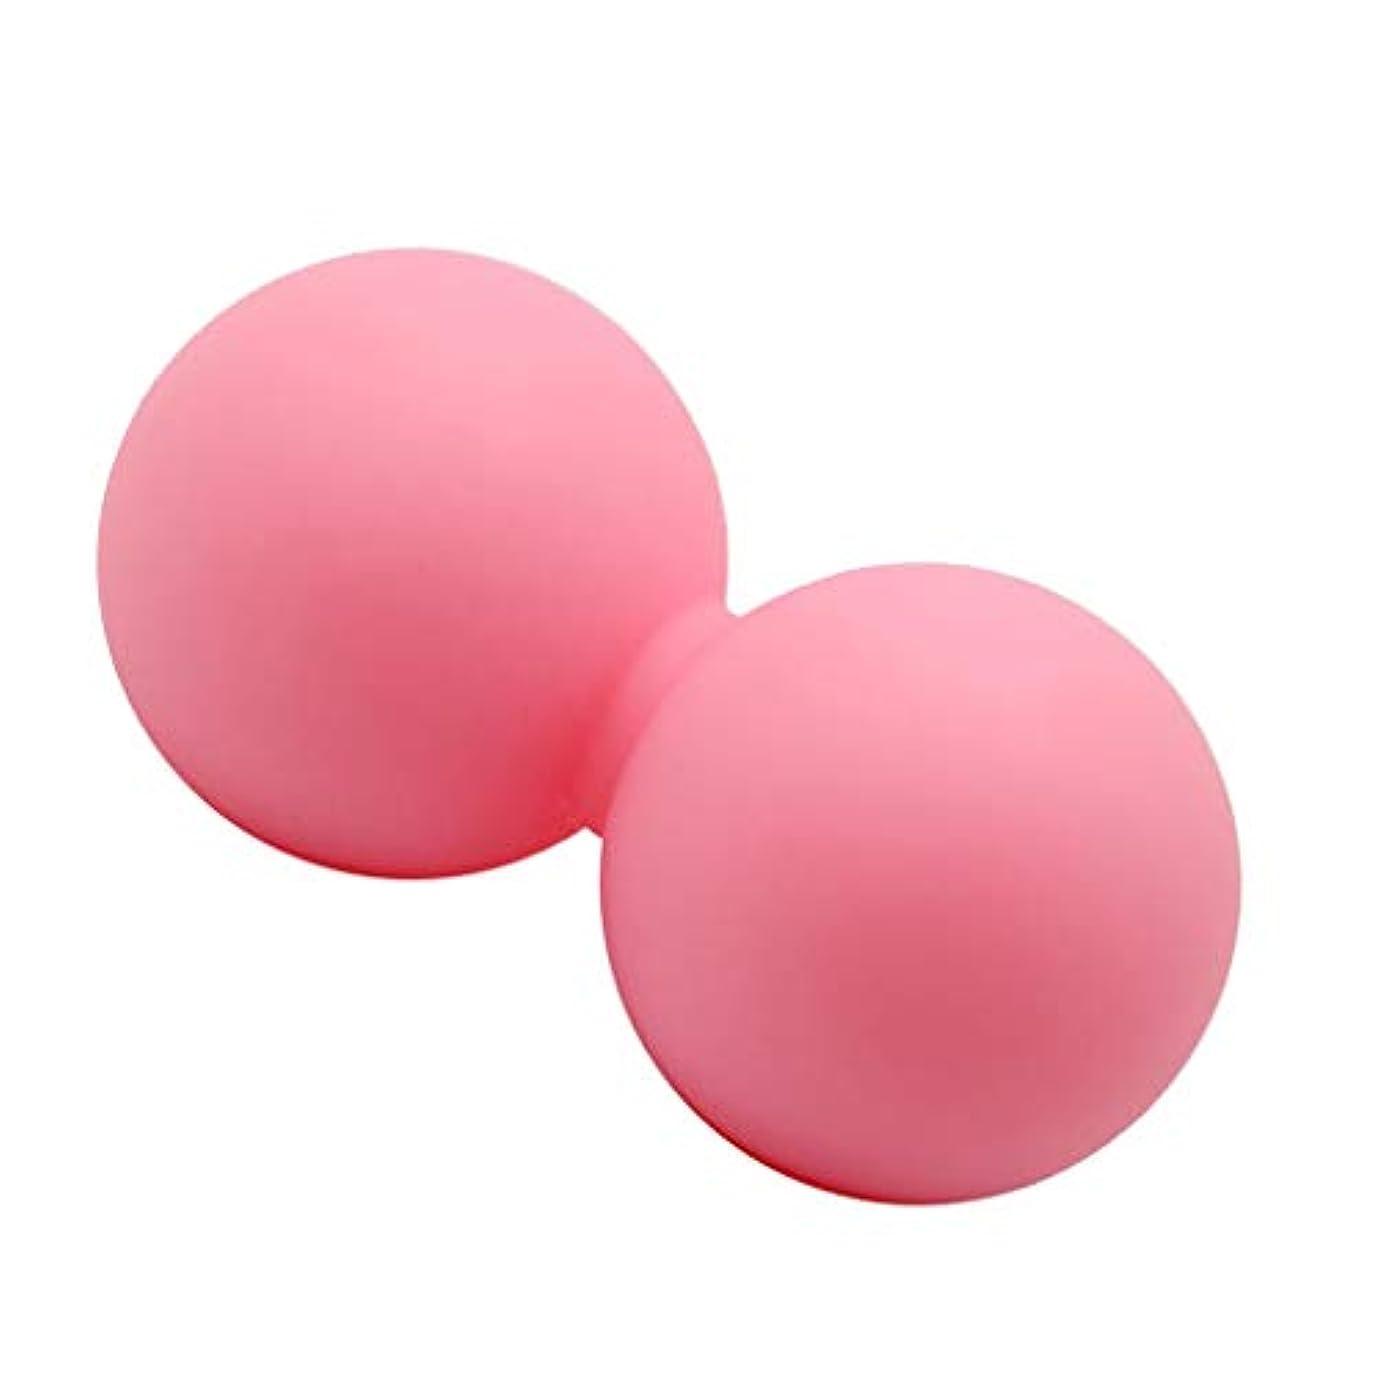 指標計算トレイマッサージ ヨガボール ピーナッツ形 痛み緩和 ピンク